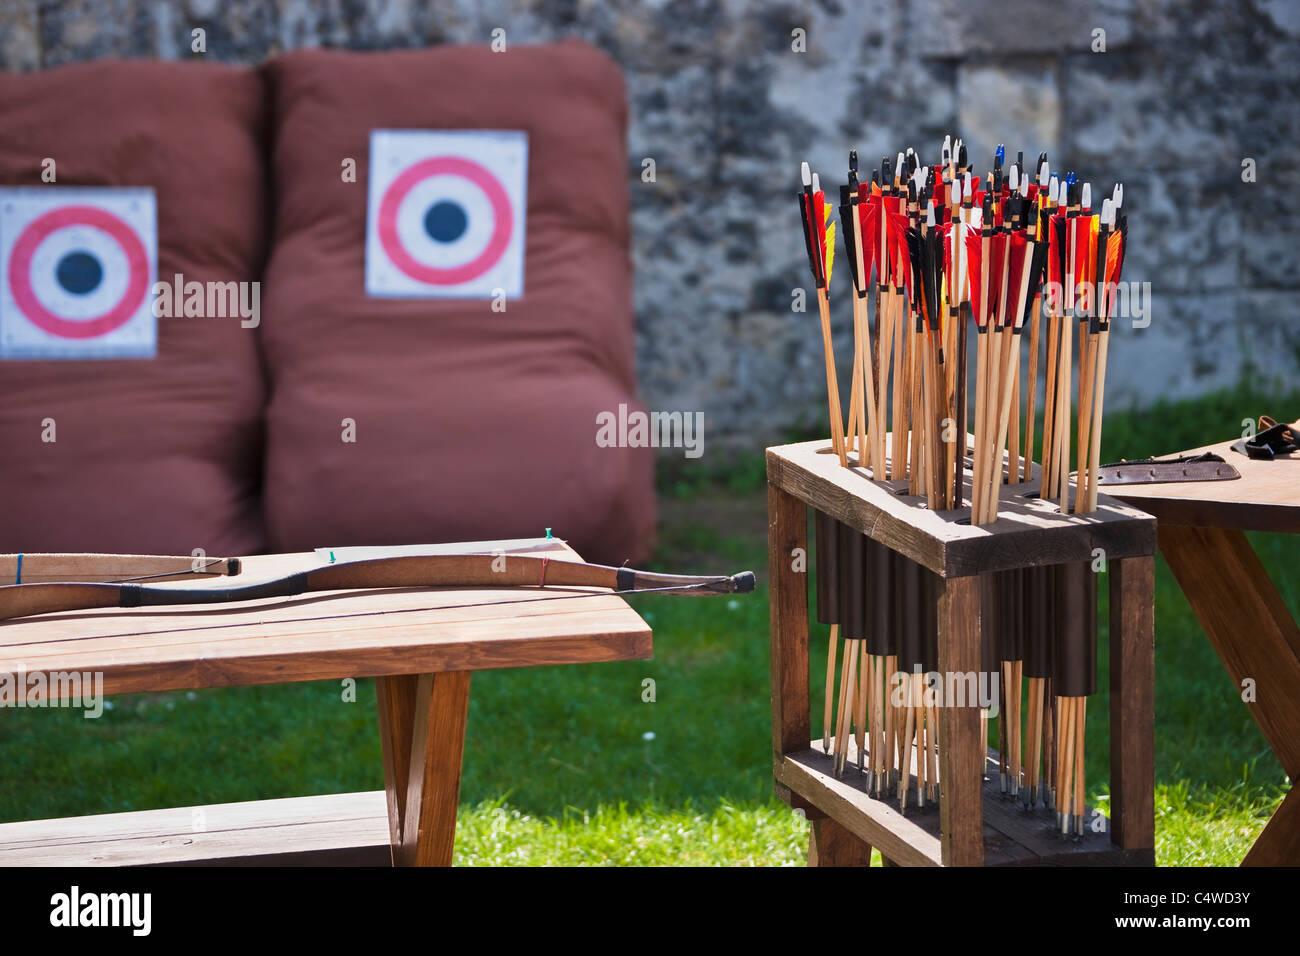 Bogenschießen   archery - Stock Image